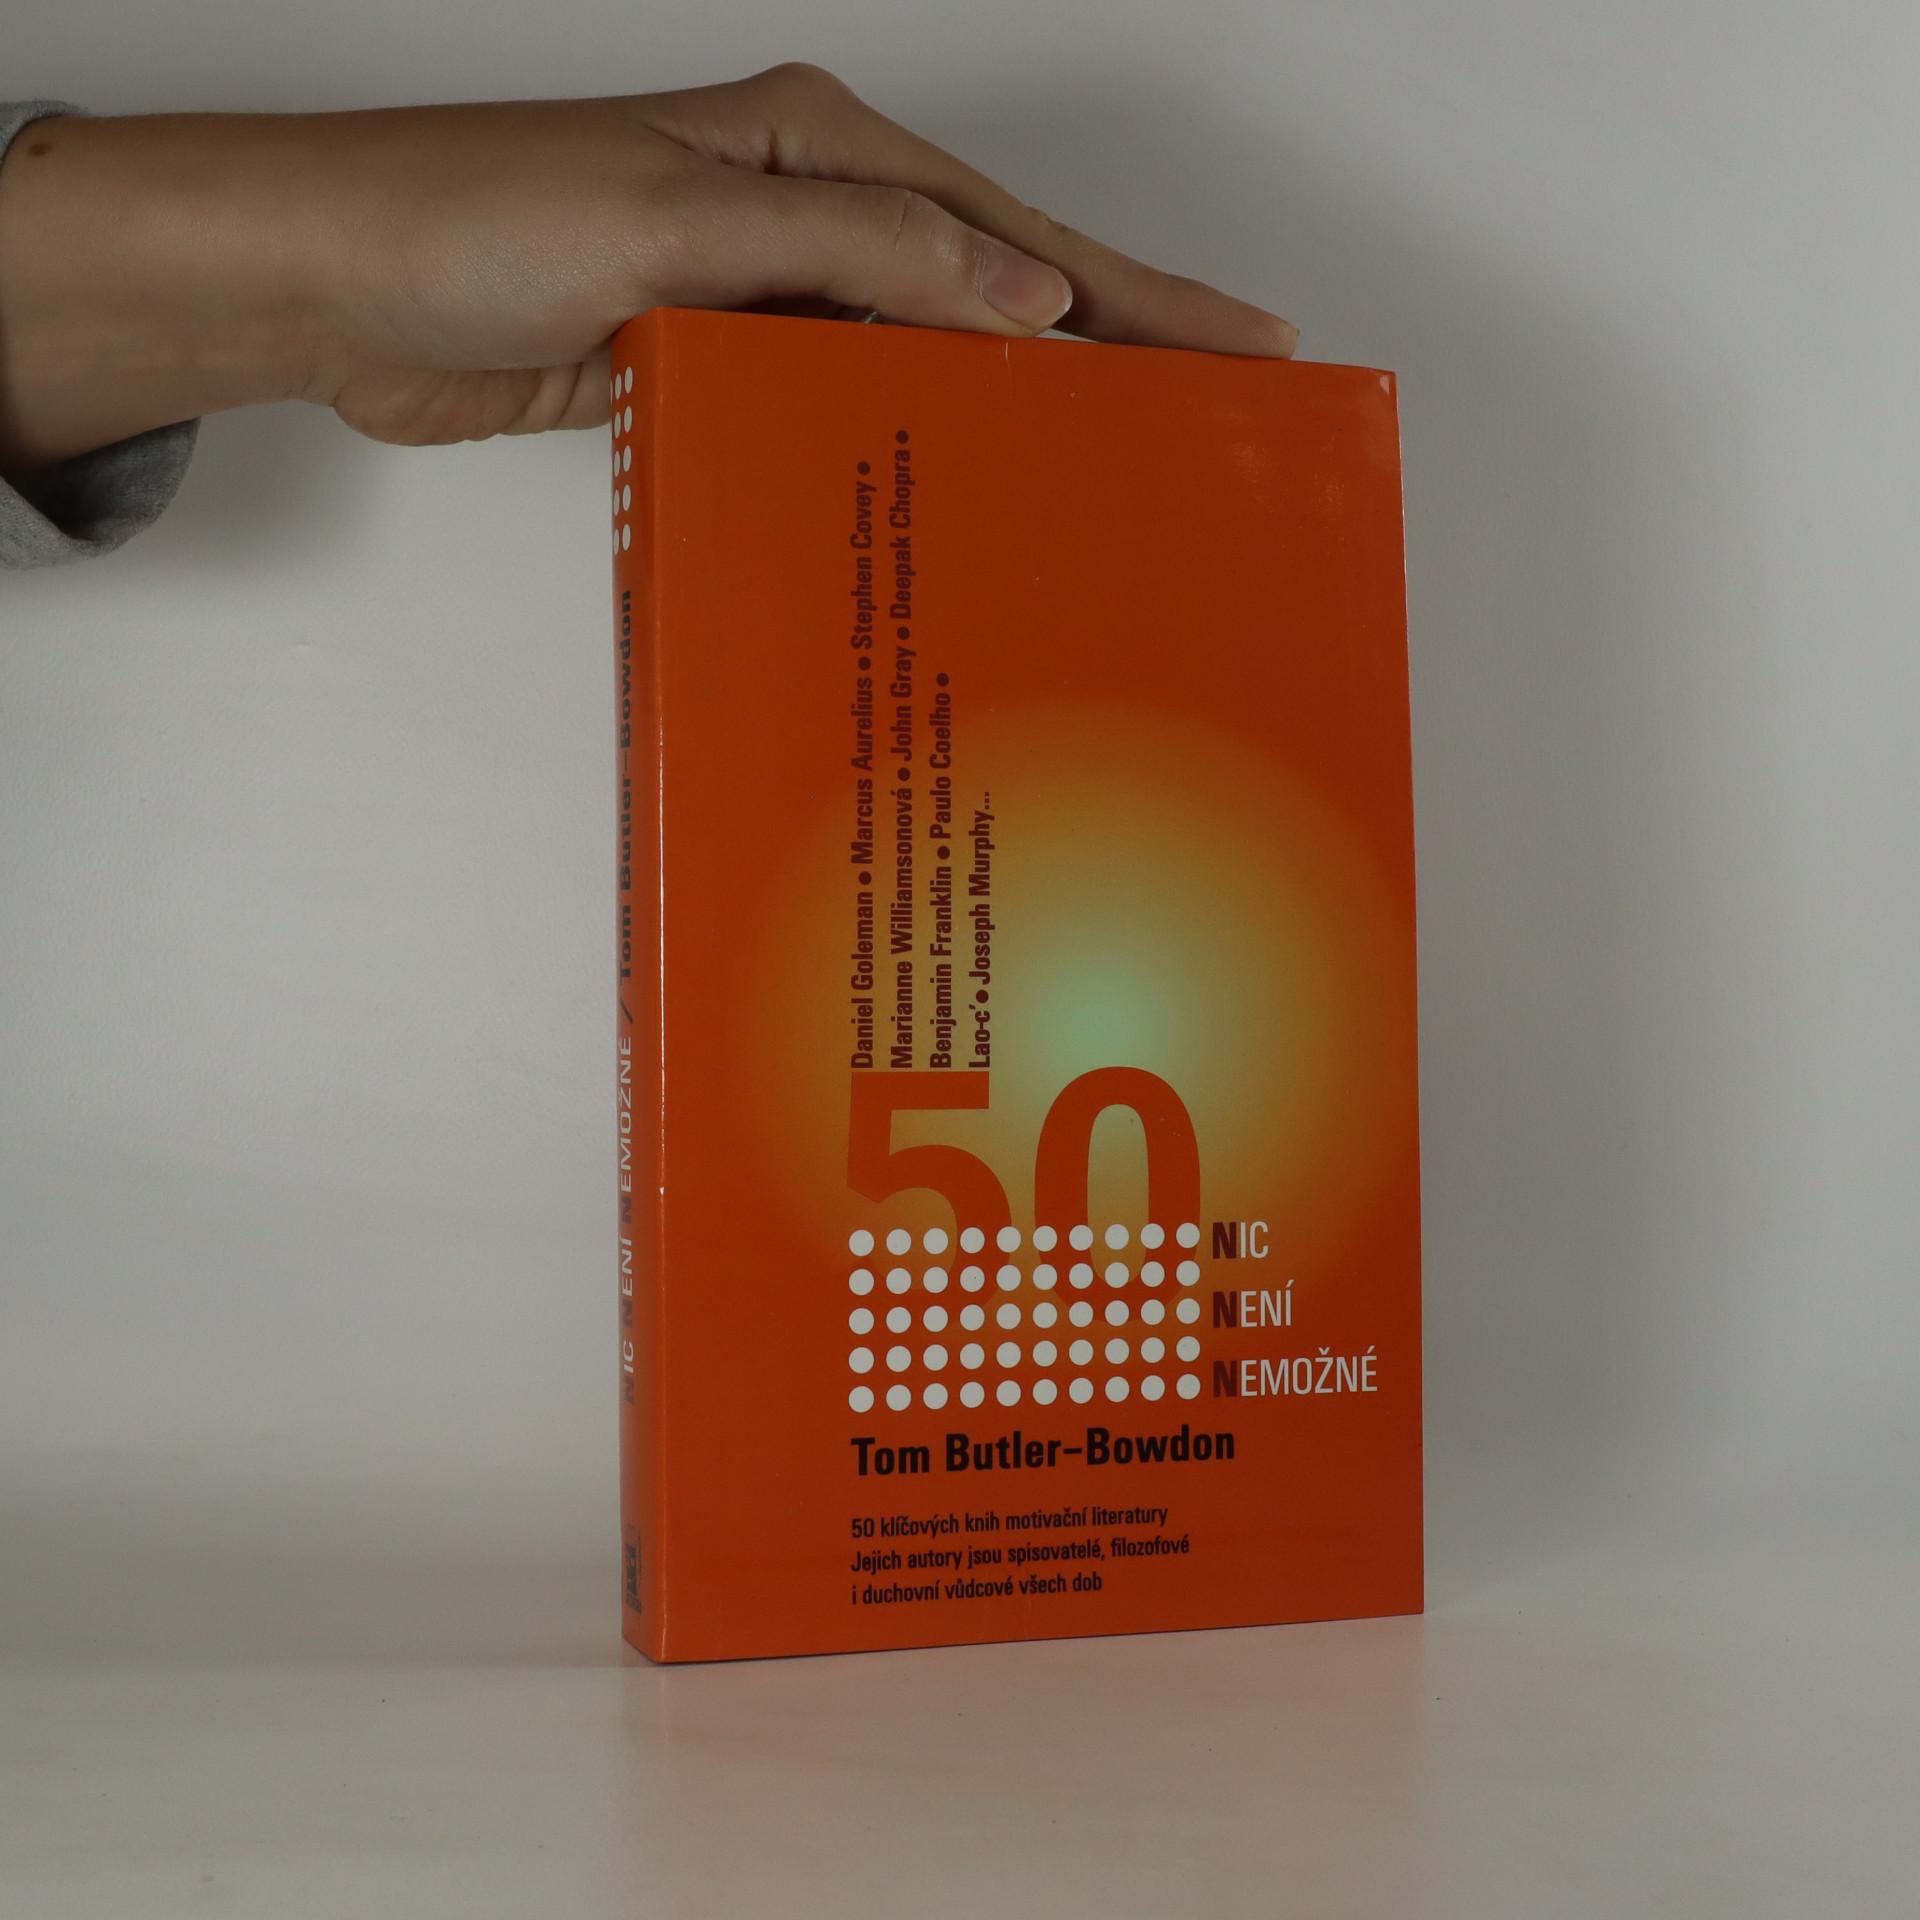 antikvární kniha Nic není nemožné. 50 klíčových knih motivační literatury, 2003